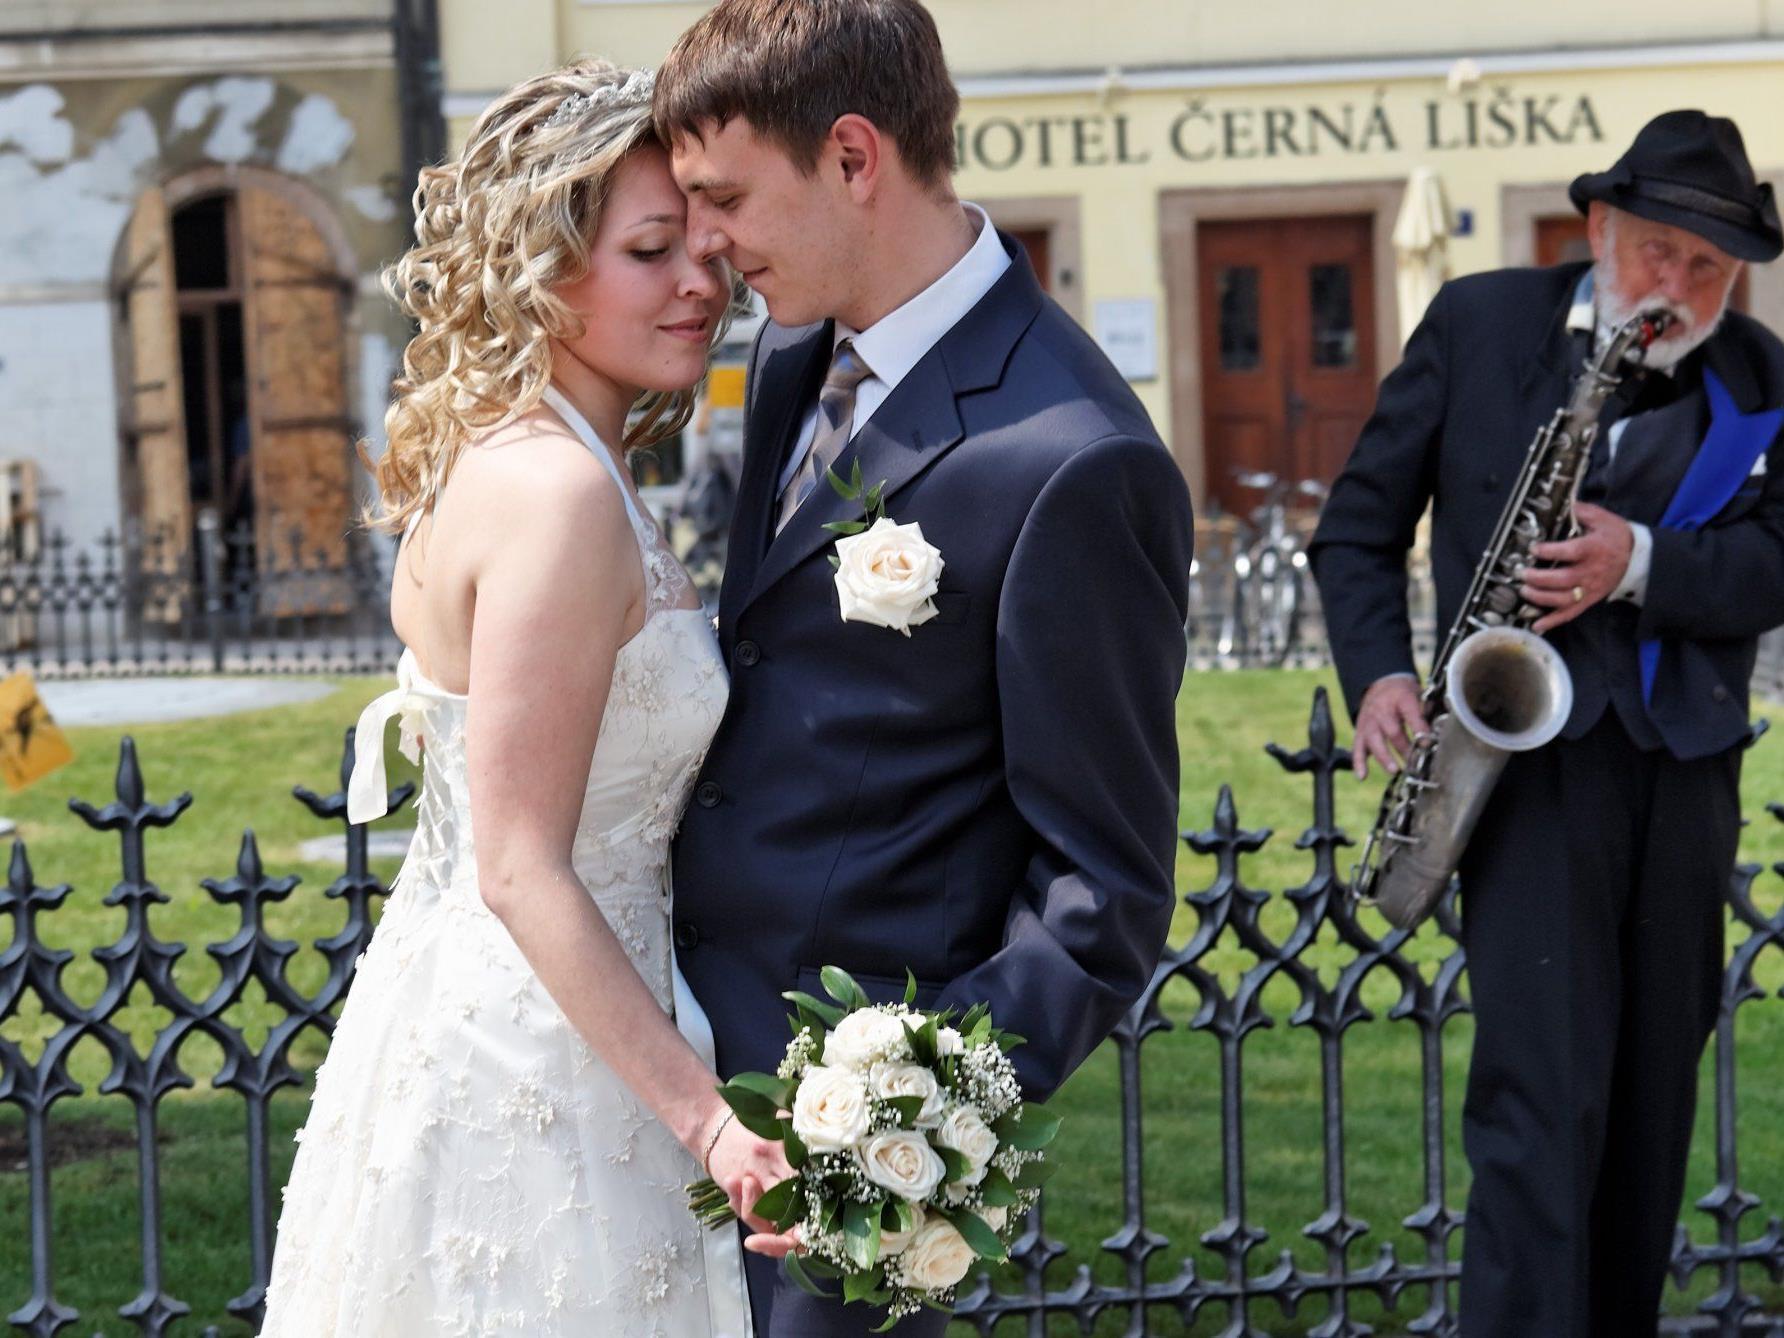 Mit der Schnapszahl im Ehering starten heute zahlreiche Vorarlberger in ein gemeinsames Leben.